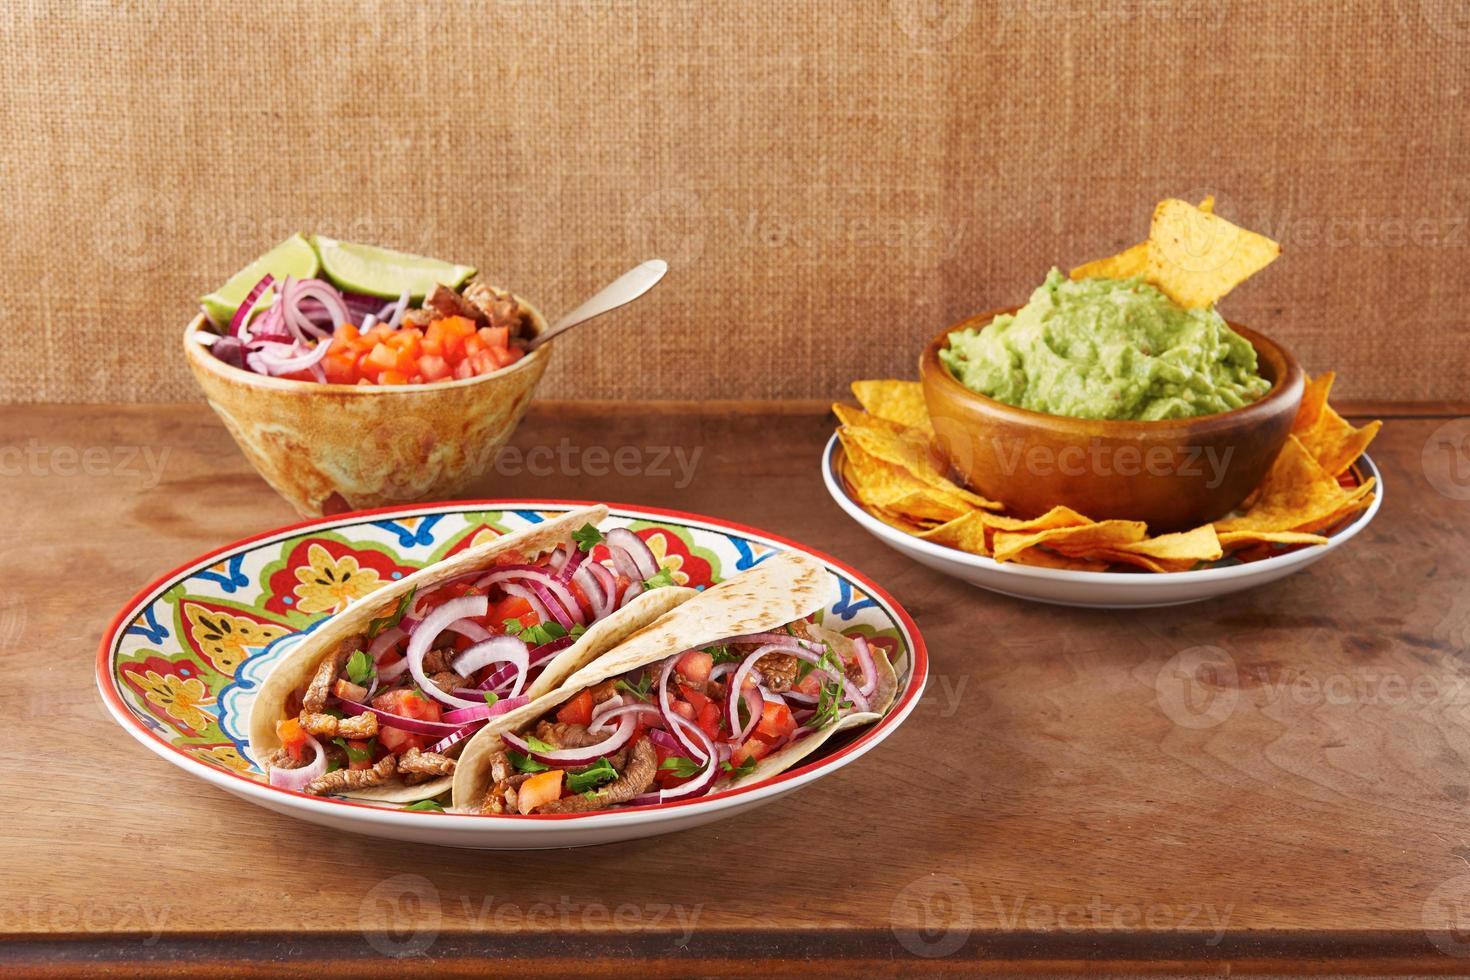 rundvlees en groenten Mexicaanse taco's foto